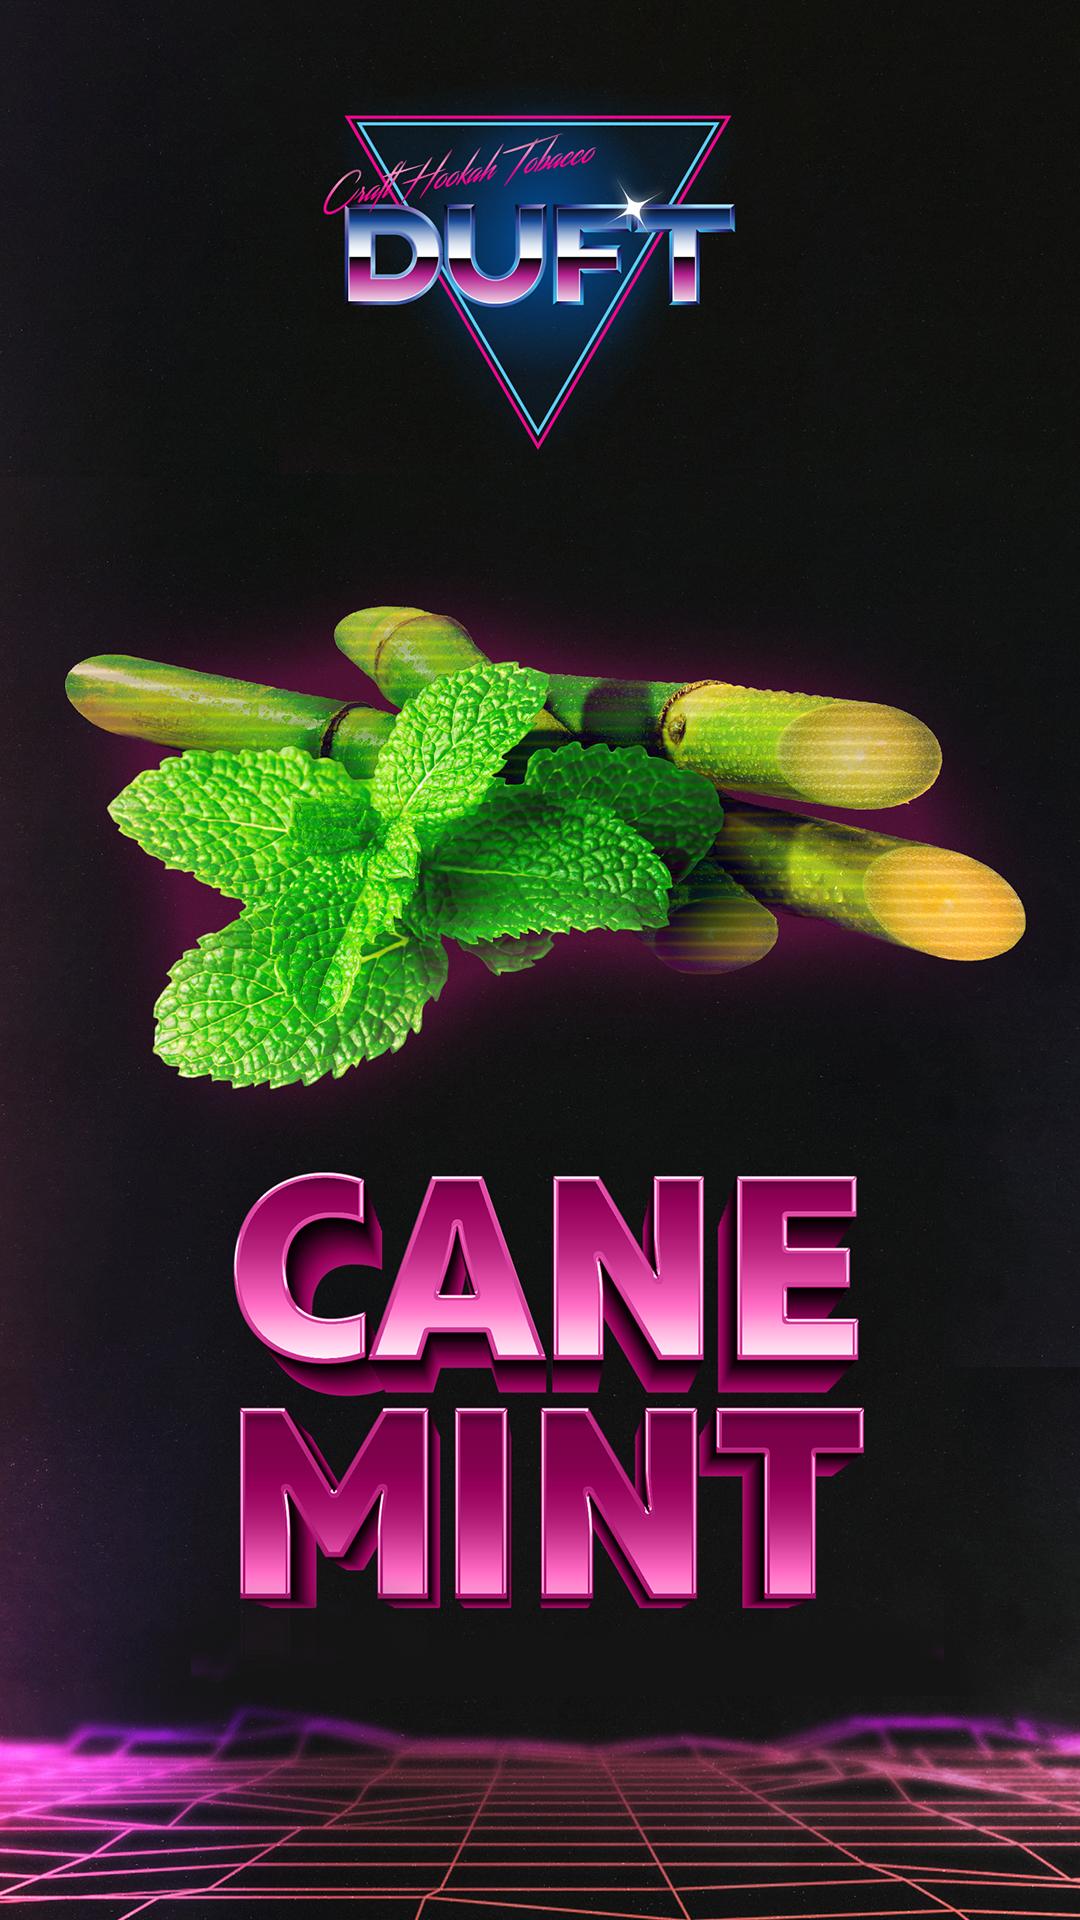 Cane mint